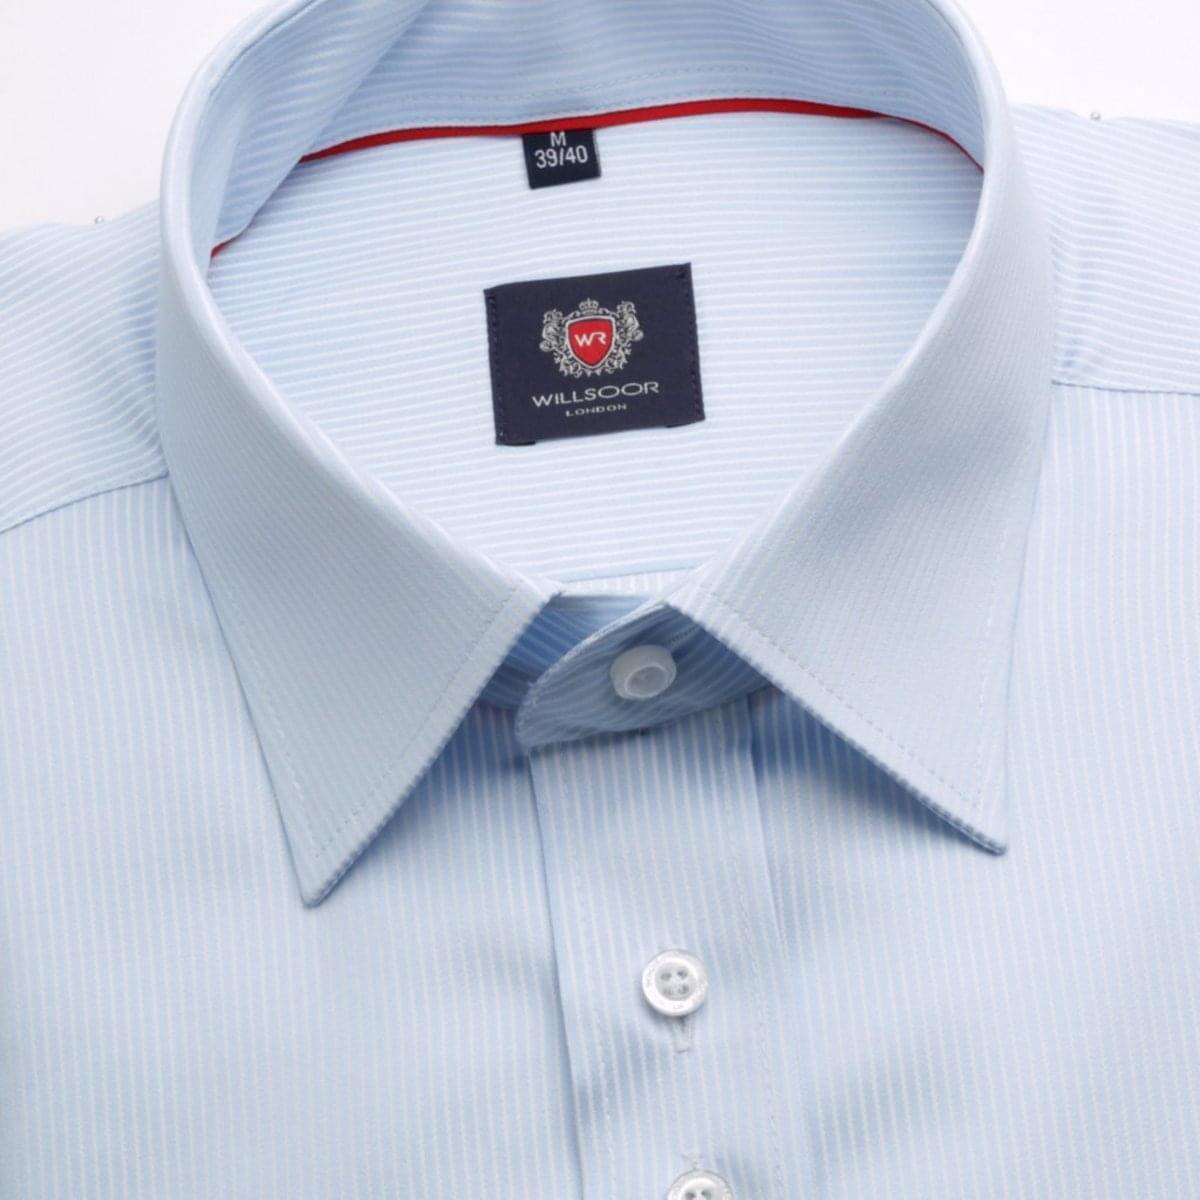 Willsoor Košile WR London (výška 164-170) 2189 164-170 / XL (43/44)